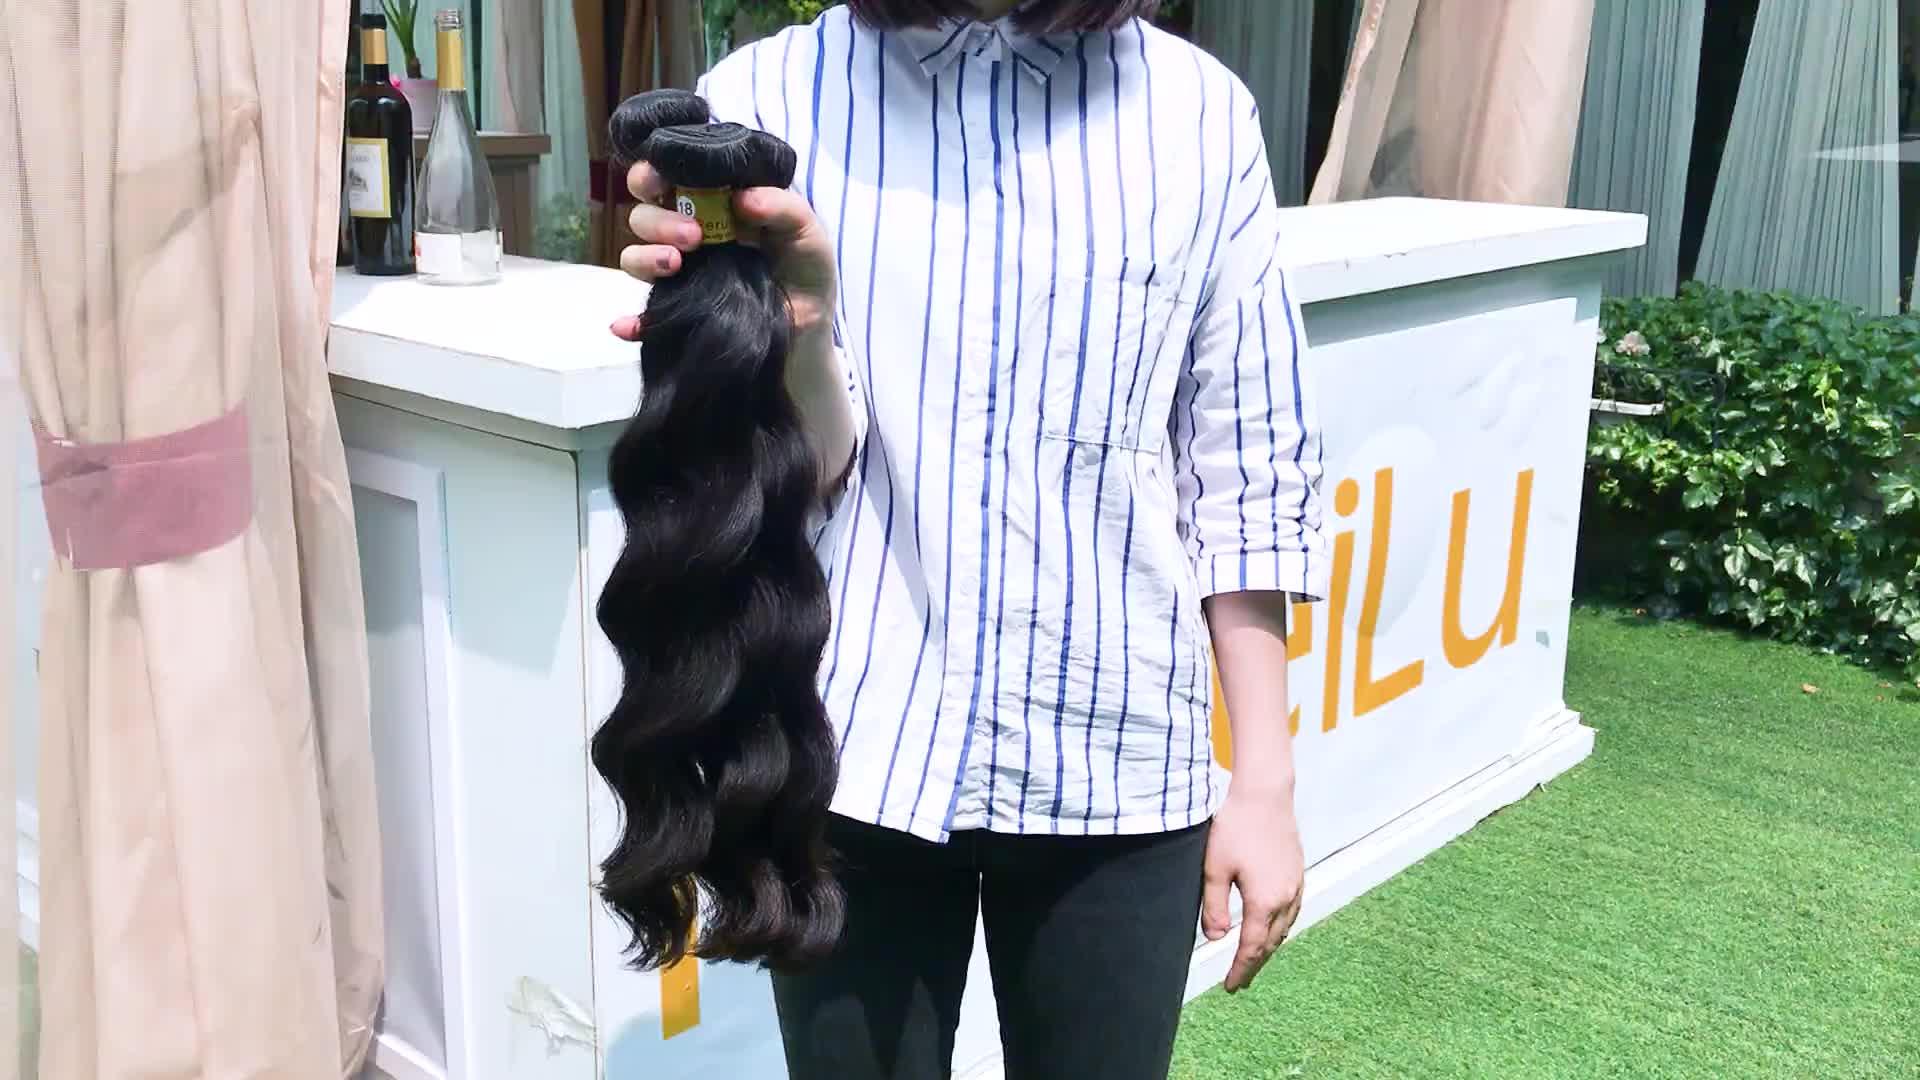 Atacado virgem peruano bundle de cabelo, virgin cabelo humano peruano do dubai, 10a grau cabelo peruano virgem extensão do cabelo humano cabelo